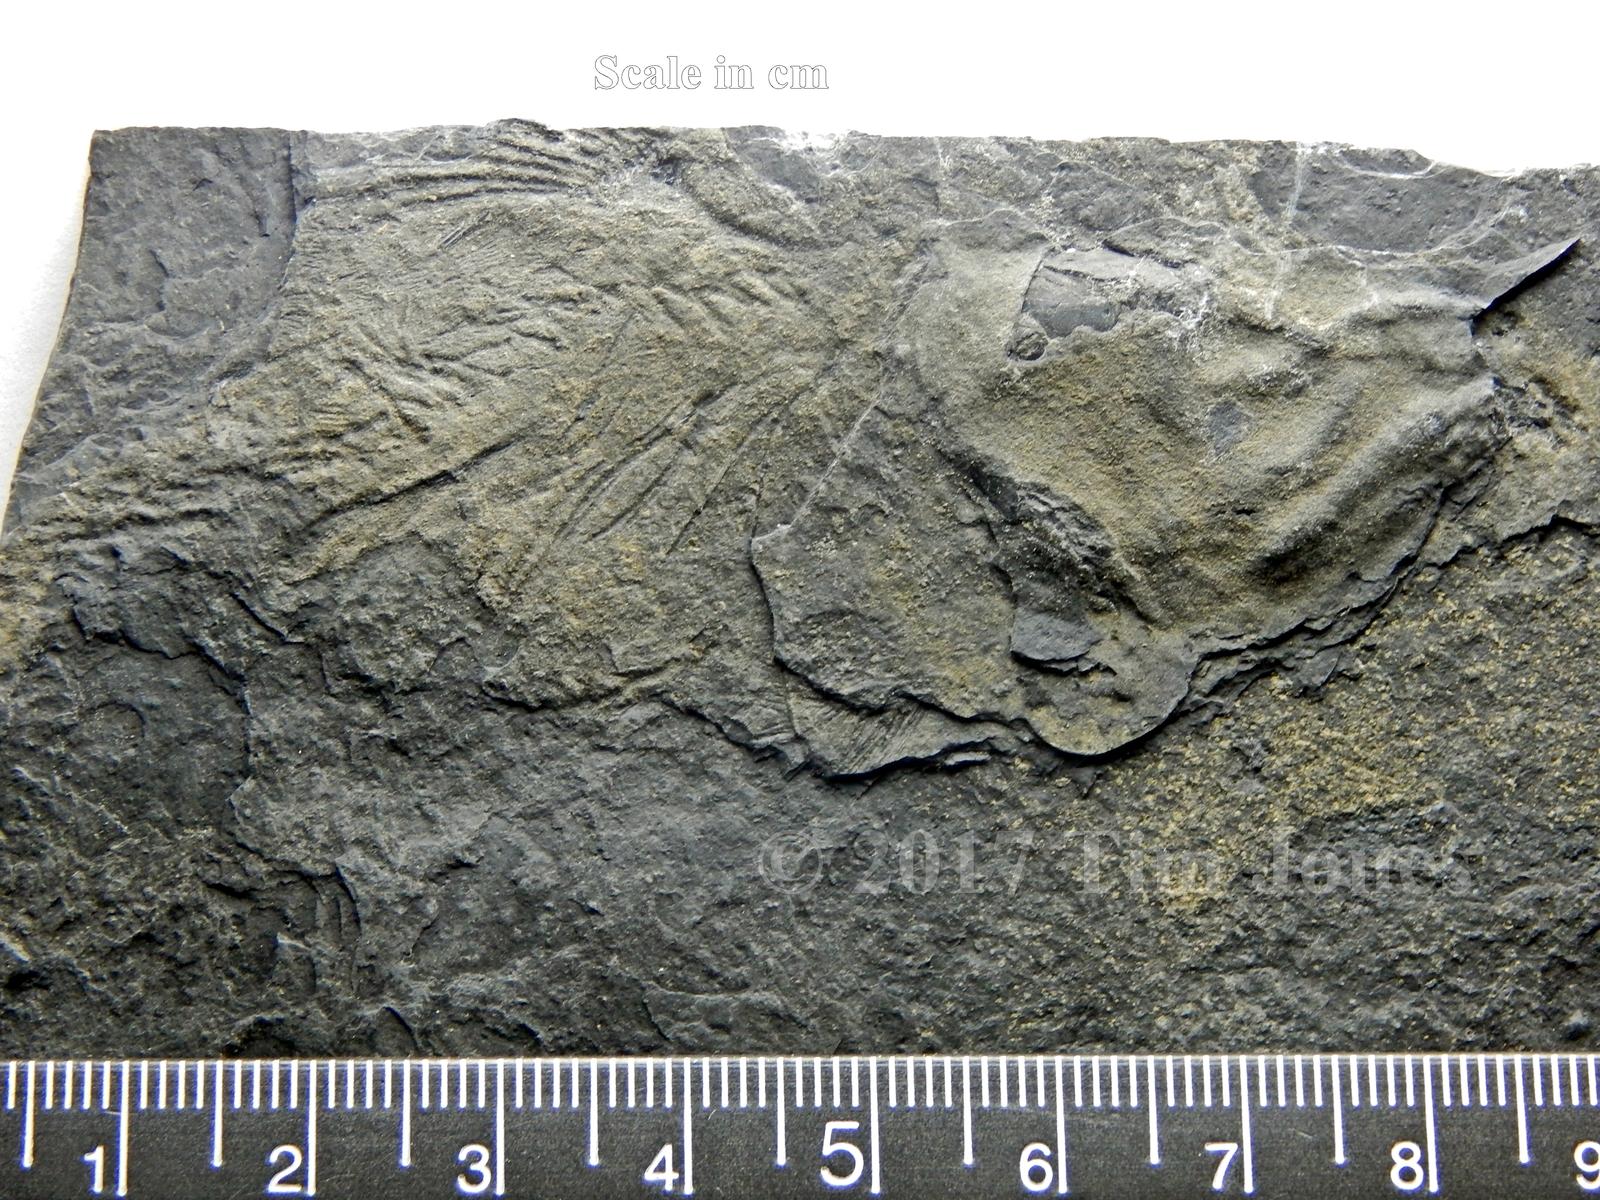 Diplurus partial